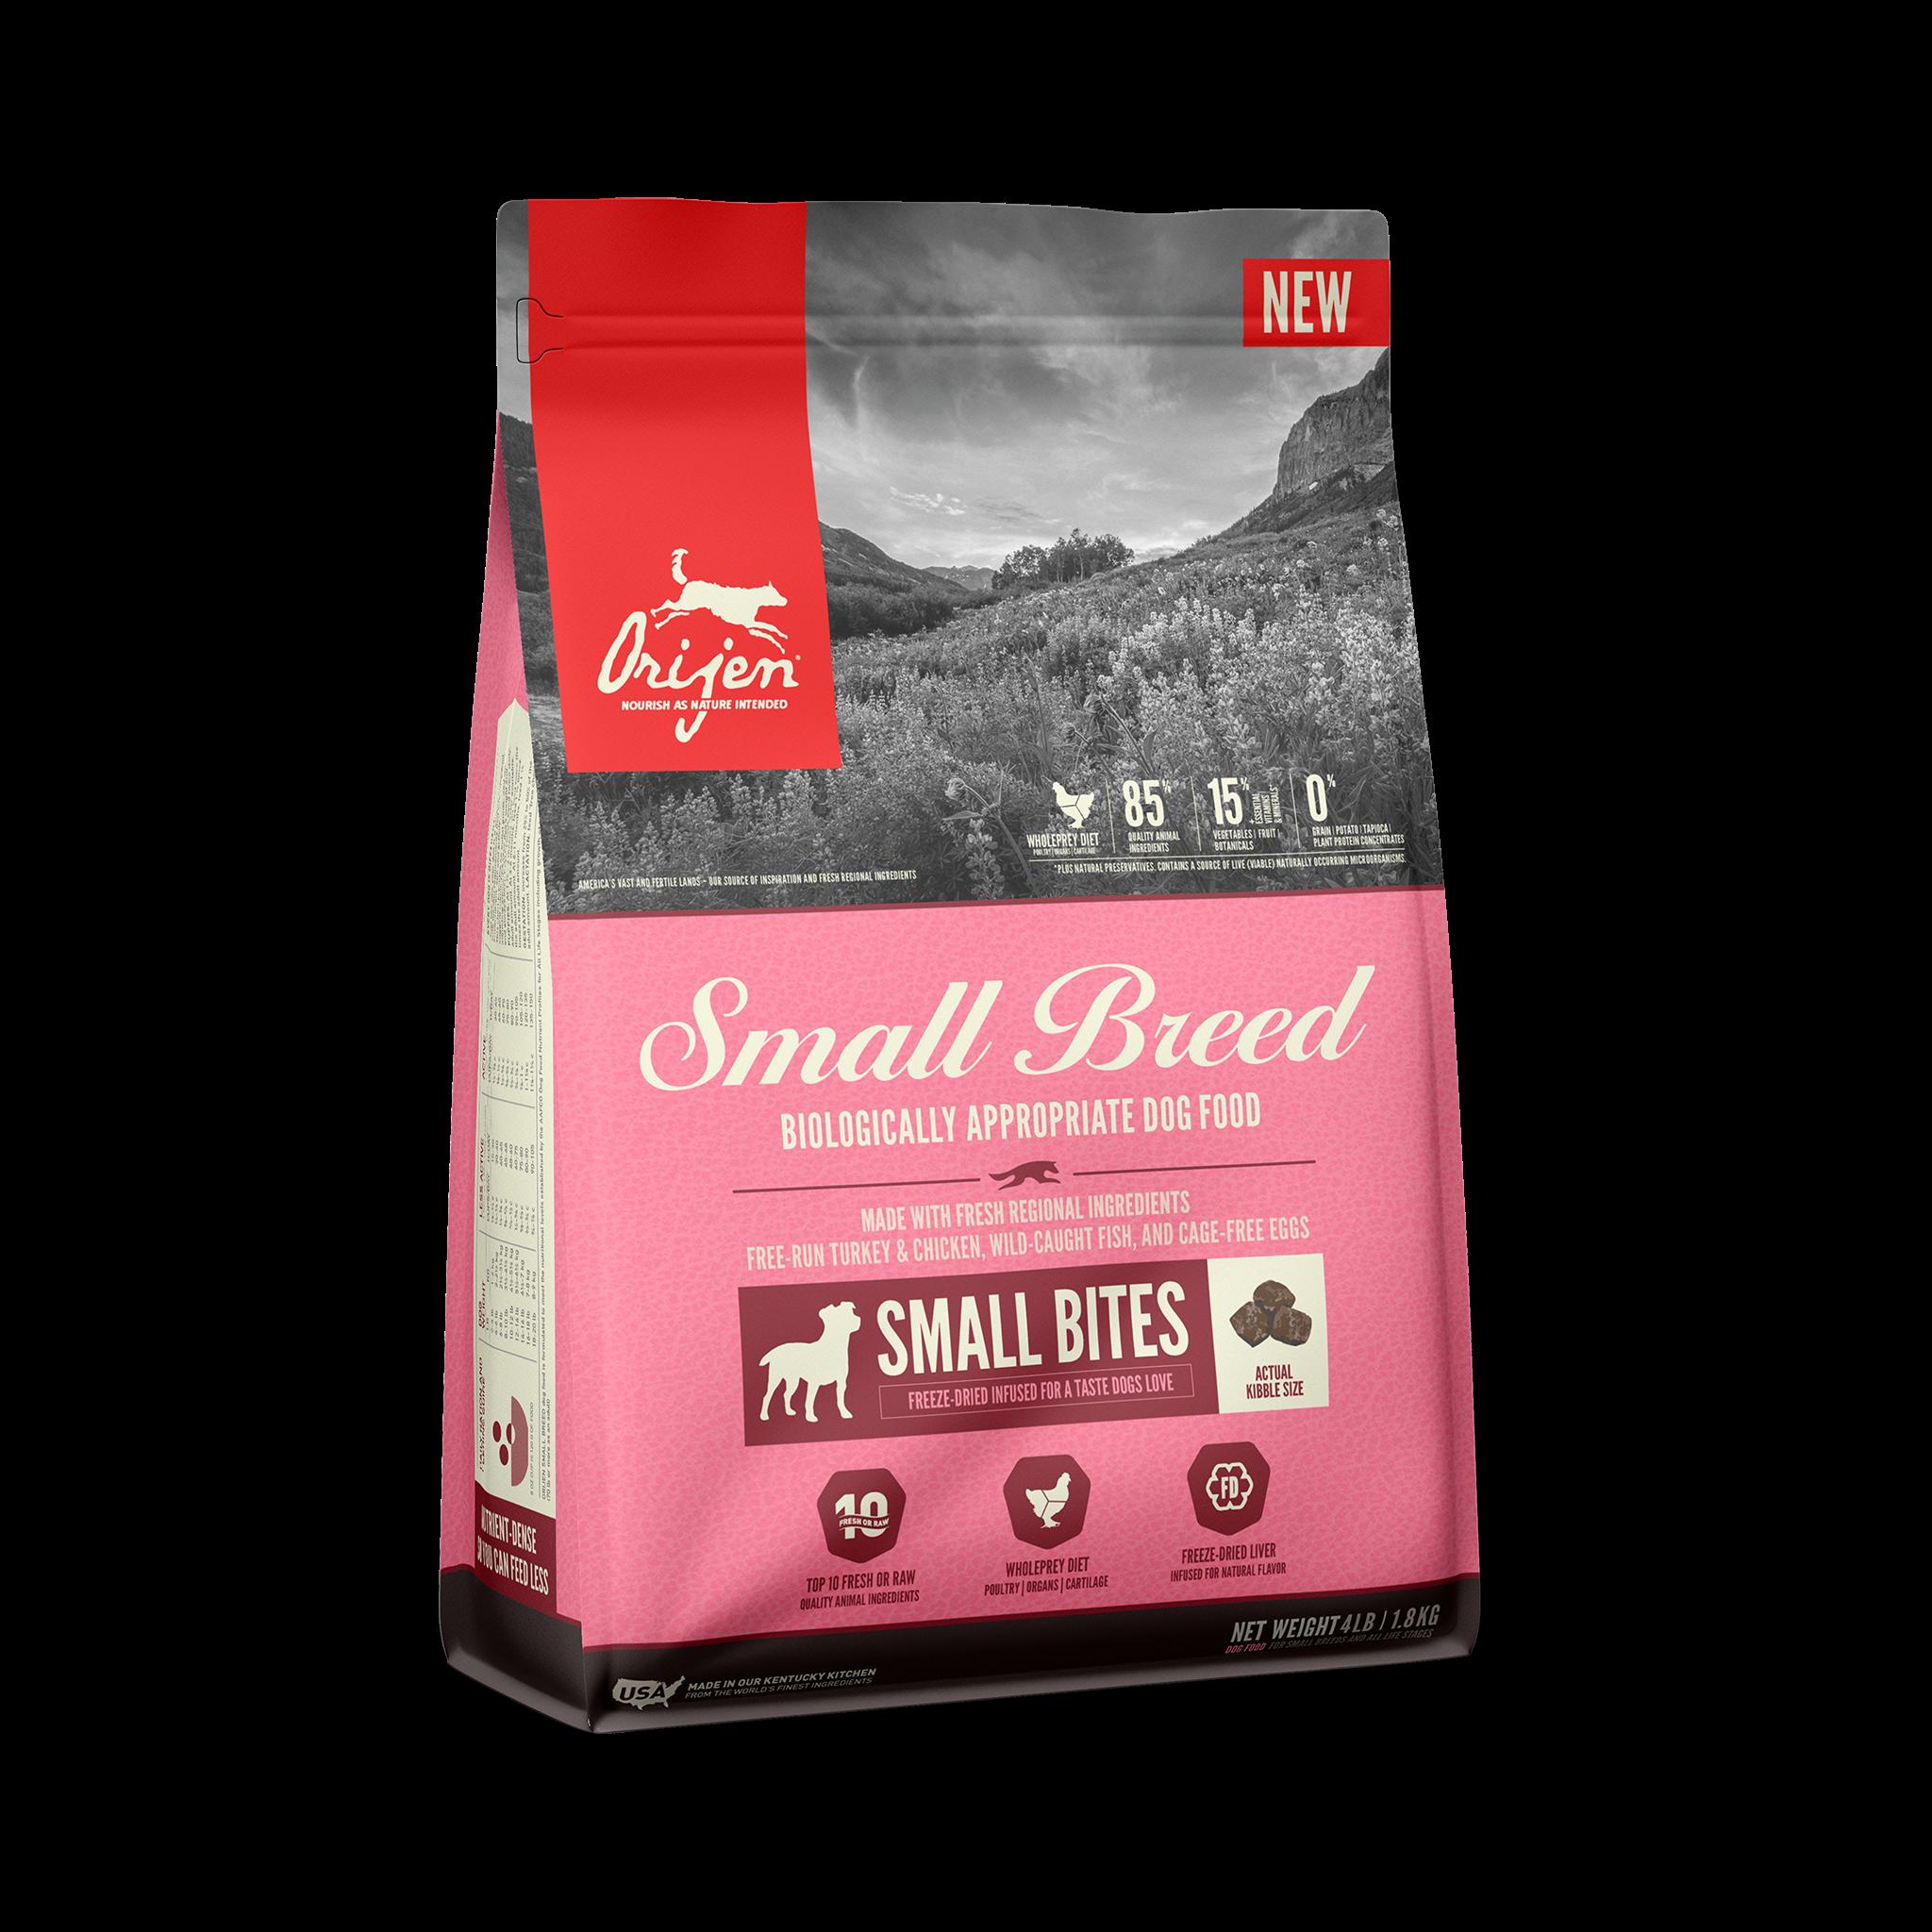 Orijen Small Breed Dry Dog Food, 4-lb